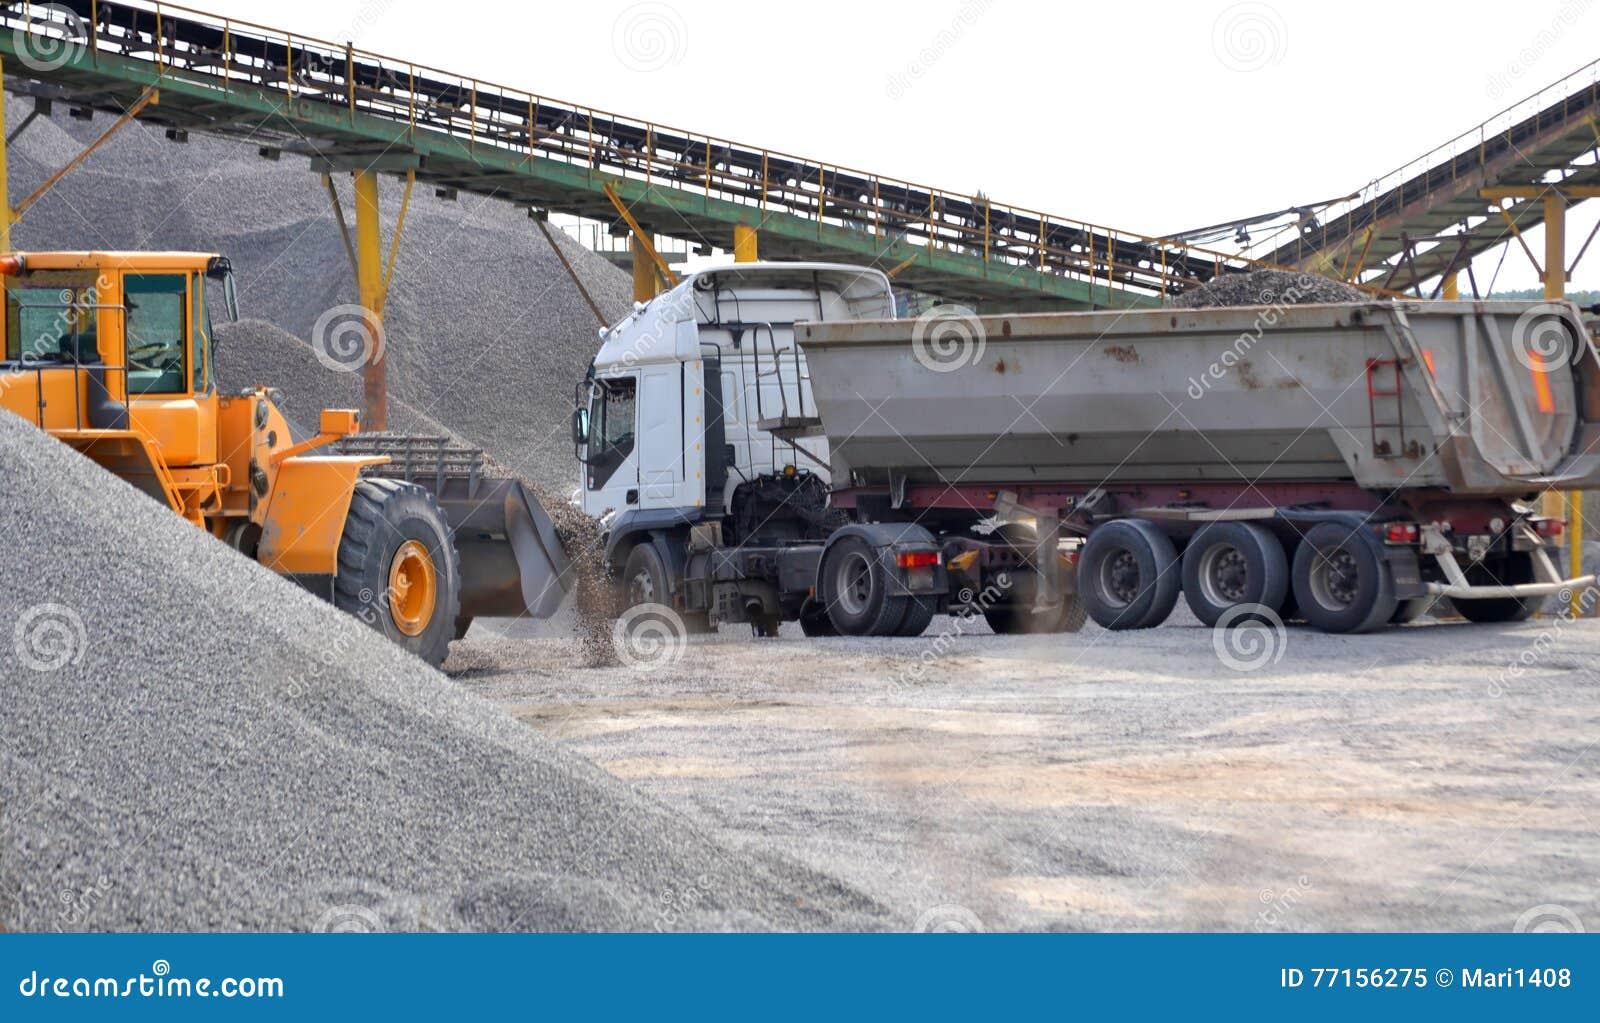 Tracteur et un camion chargé avec le gravier